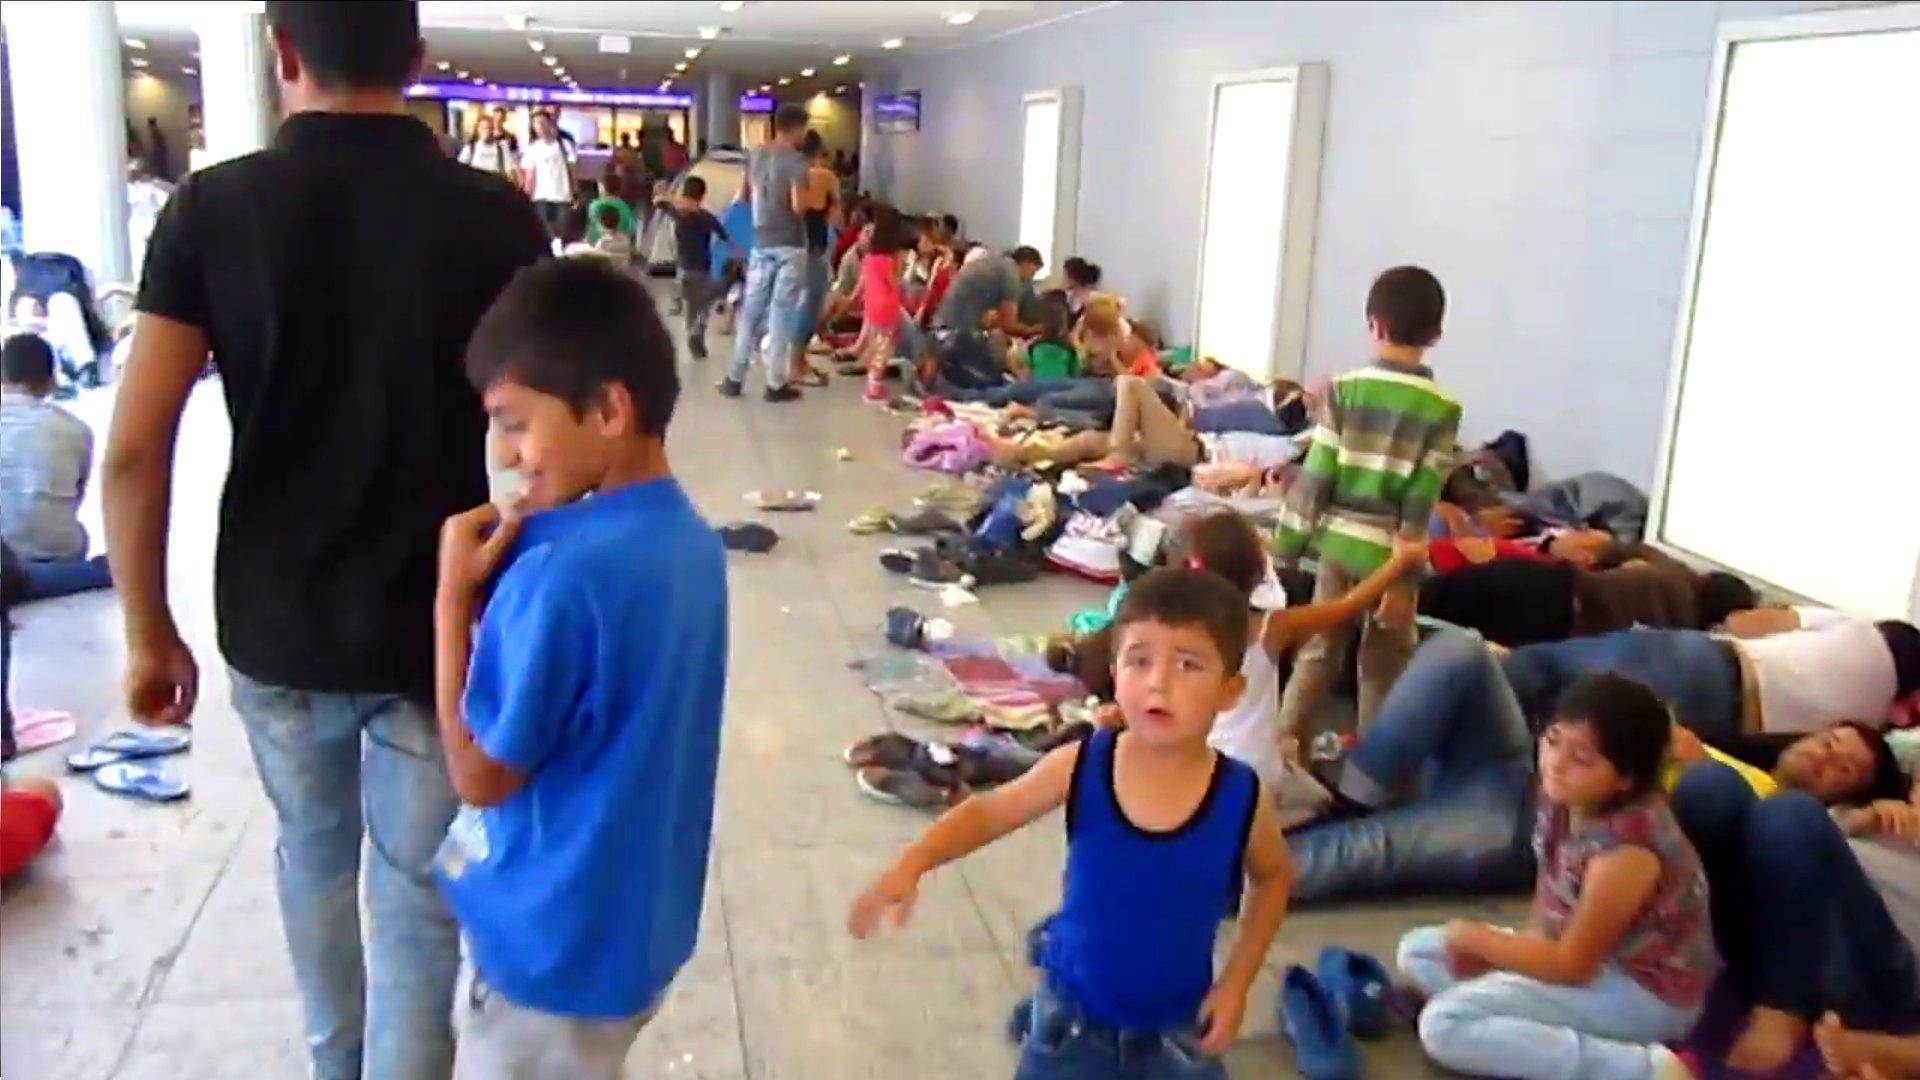 Flüchtlinge harren zu tausenden am Ostbahnhof in Budapest aus